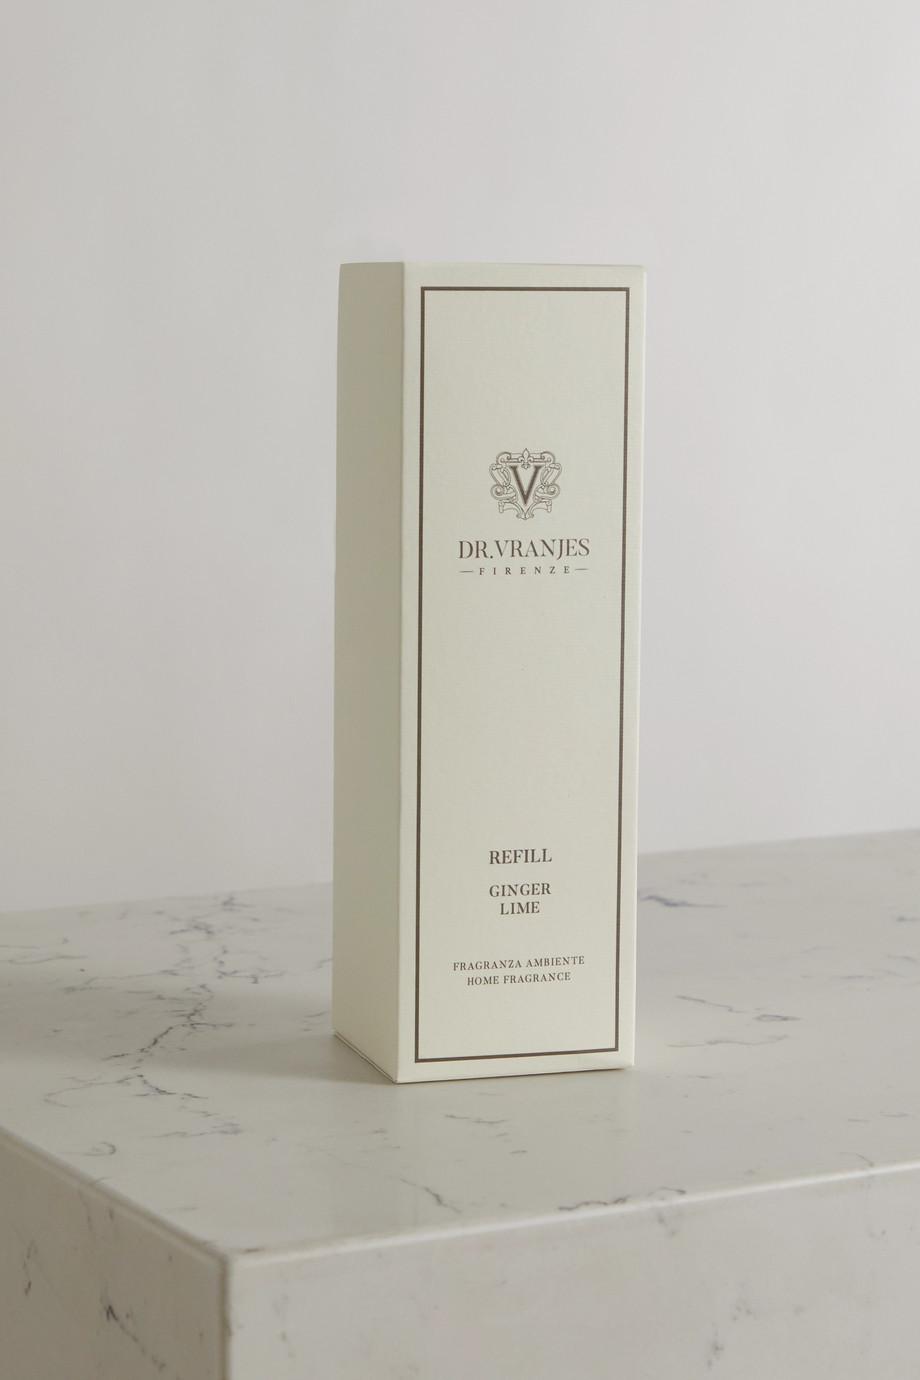 Dr. Vranjes Firenze Ginger Lime reed diffuser refill, 500ml